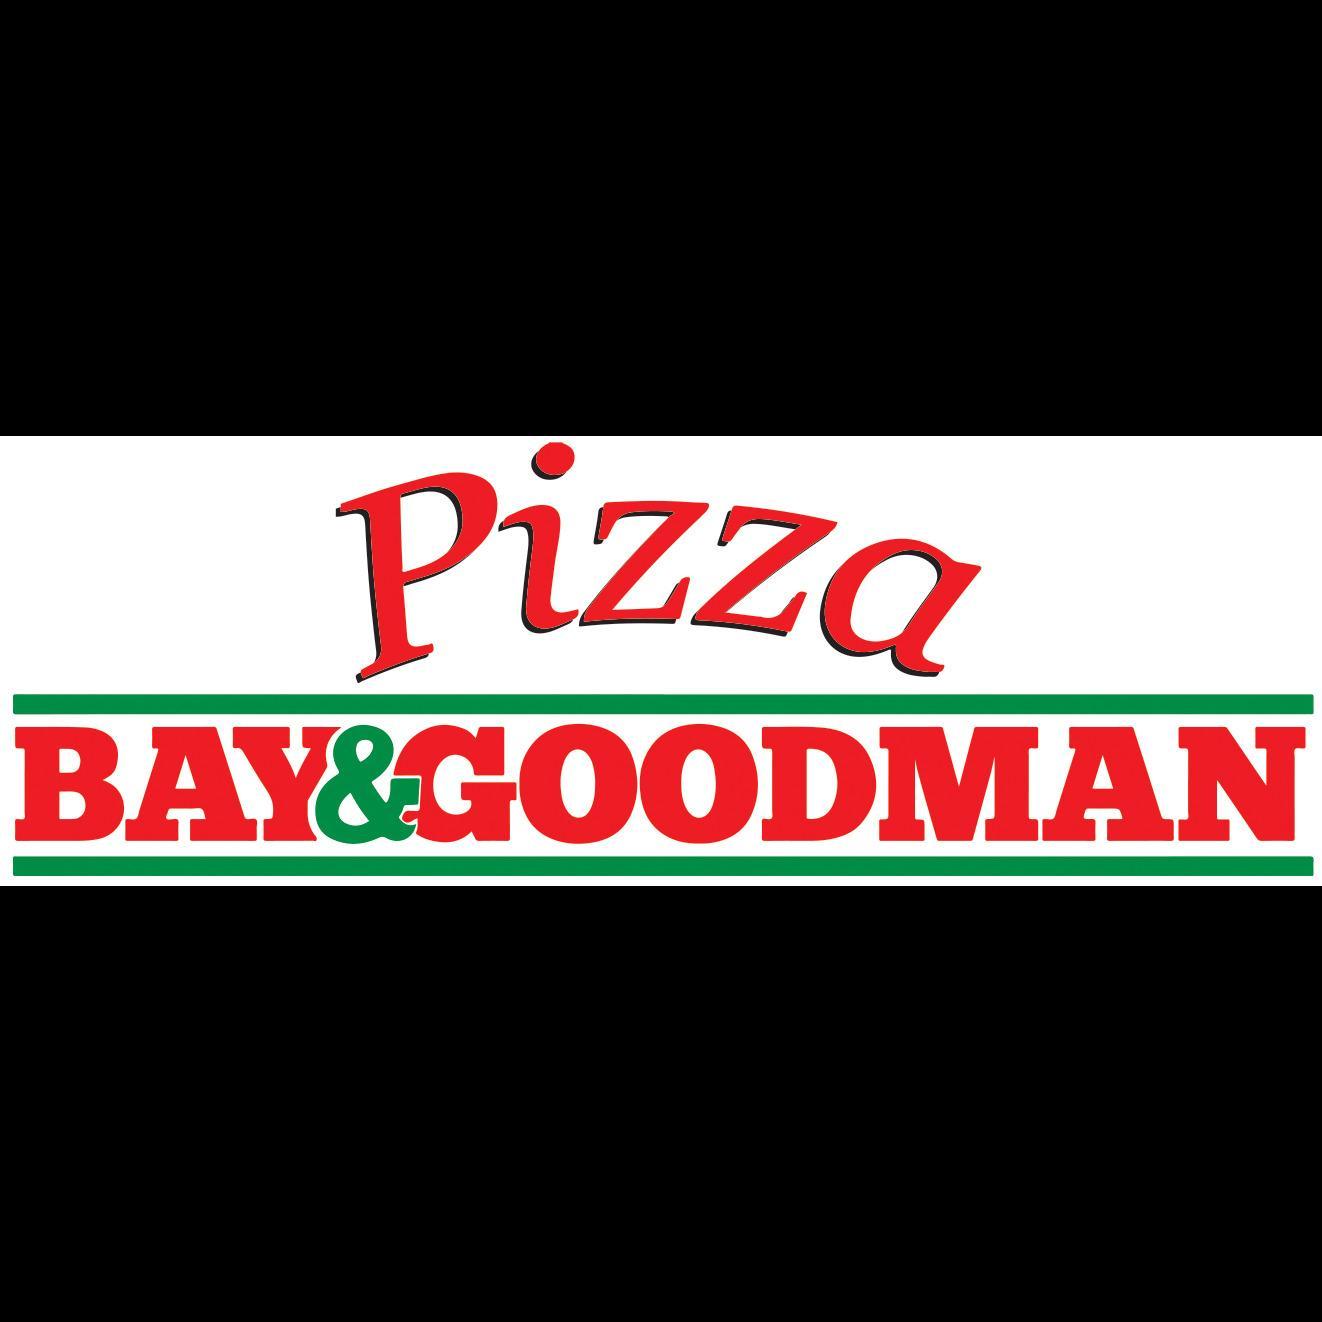 Bay & Goodman Pizza